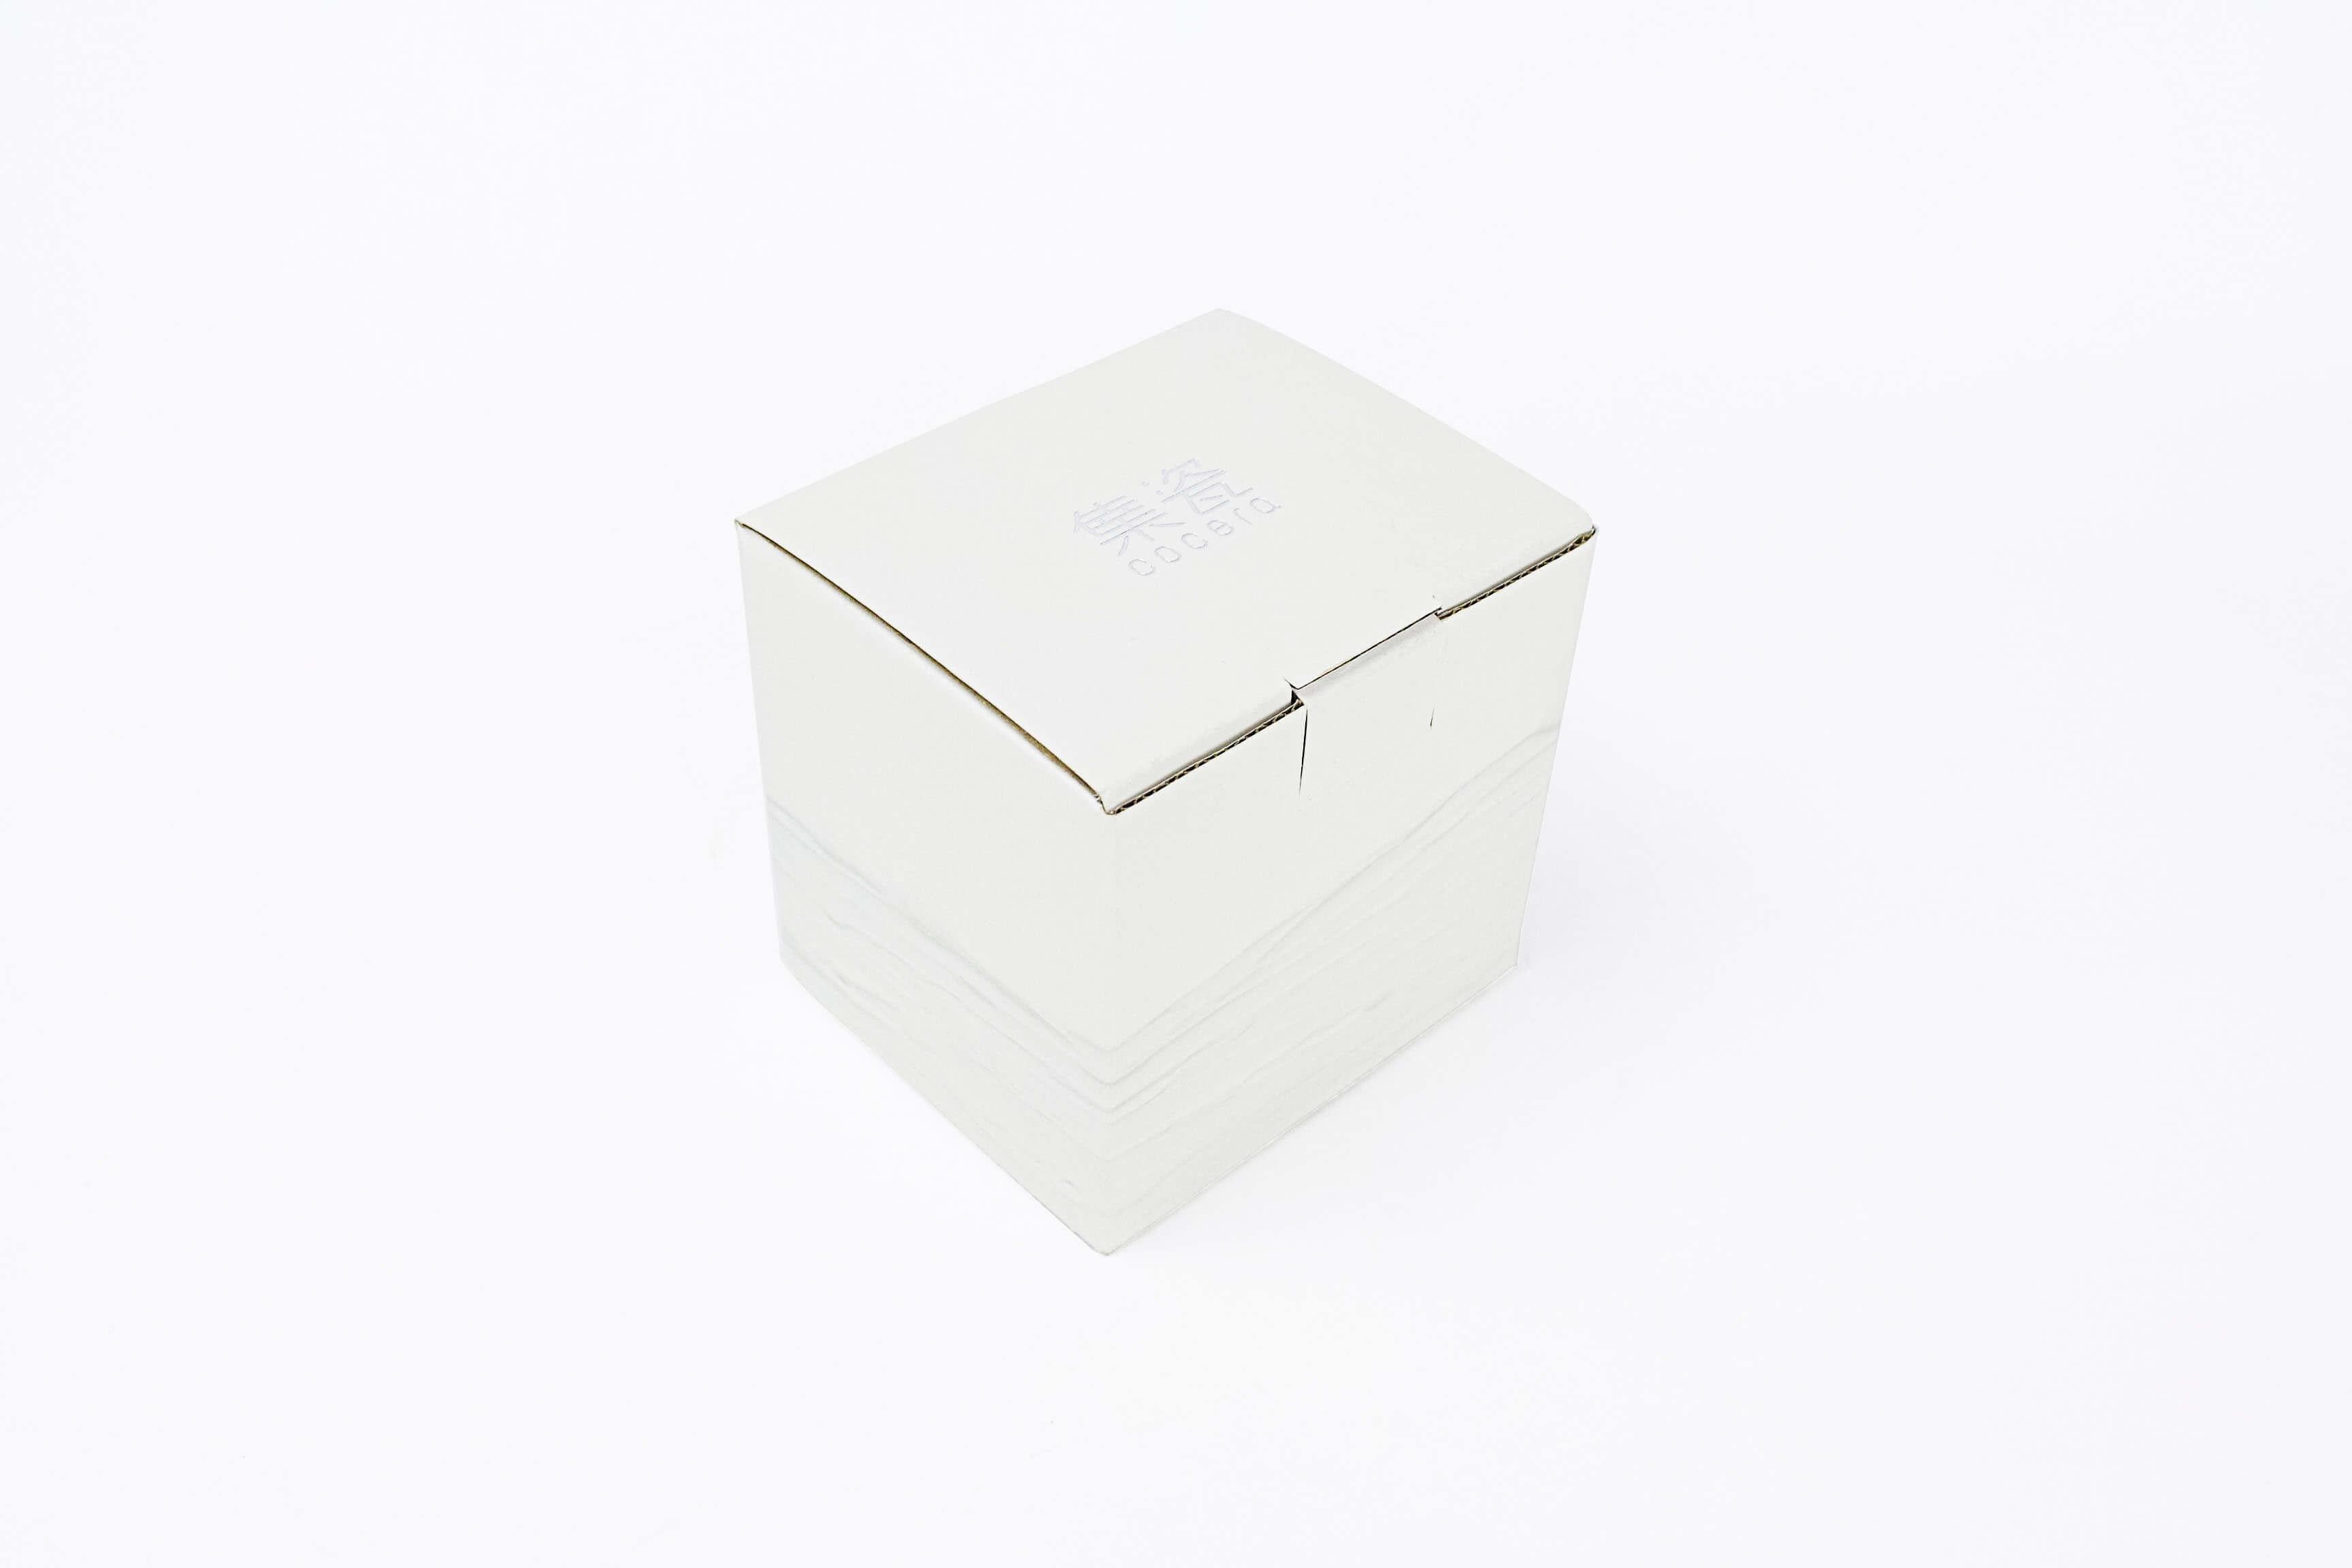 集瓷官網包裝圖-15-1